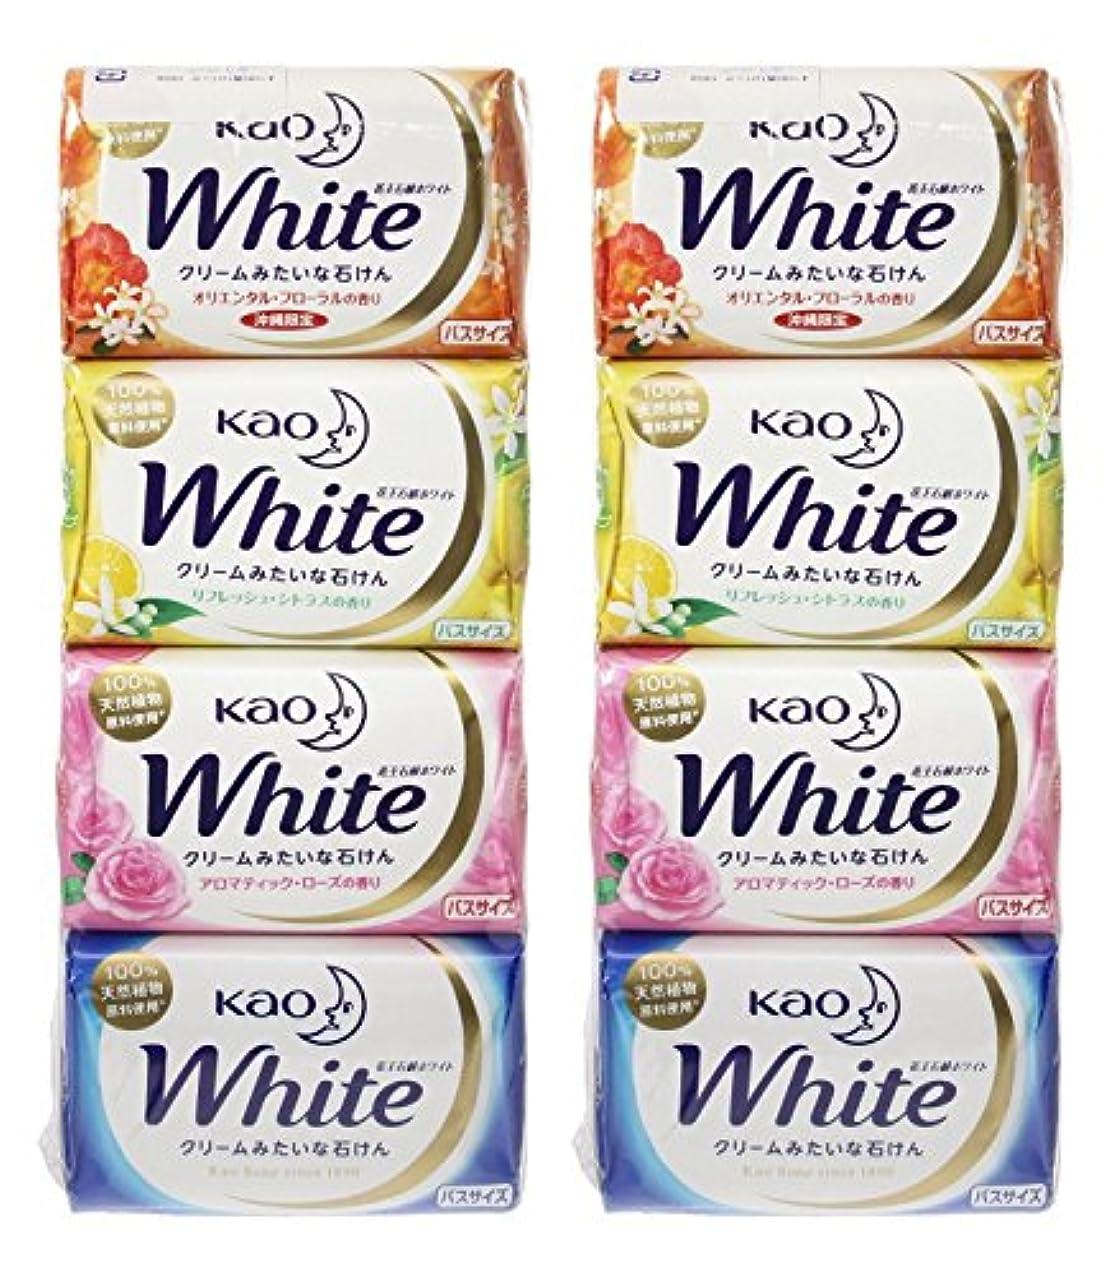 振る行商ファッション花王ホワイト 香りアソートパック バス12個×2